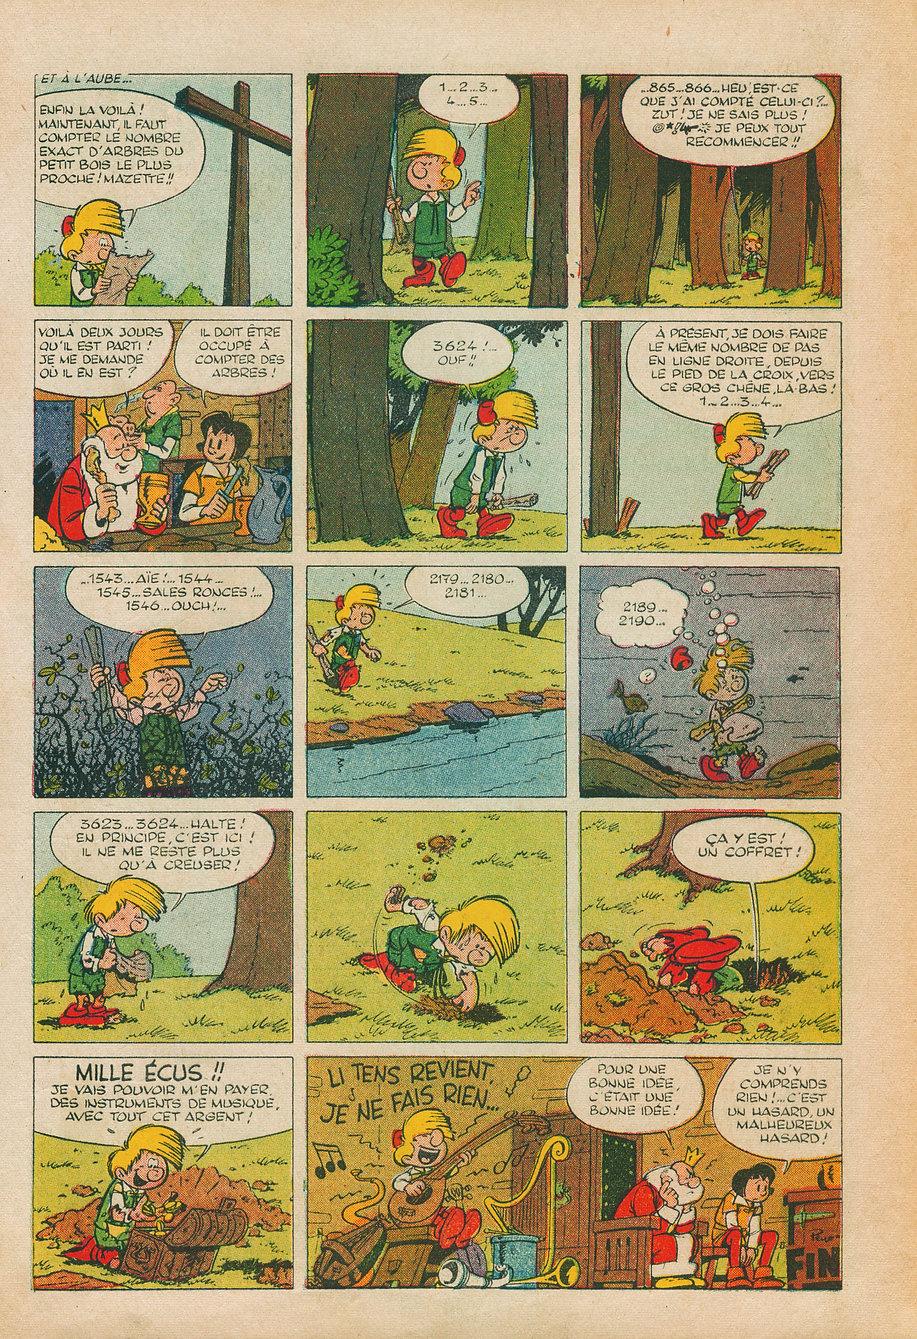 Journal de Spirou : les numéros spéciaux - Page 4 Fd20e3_d91d2c5677a9419ab88d2e32e25ed4d1